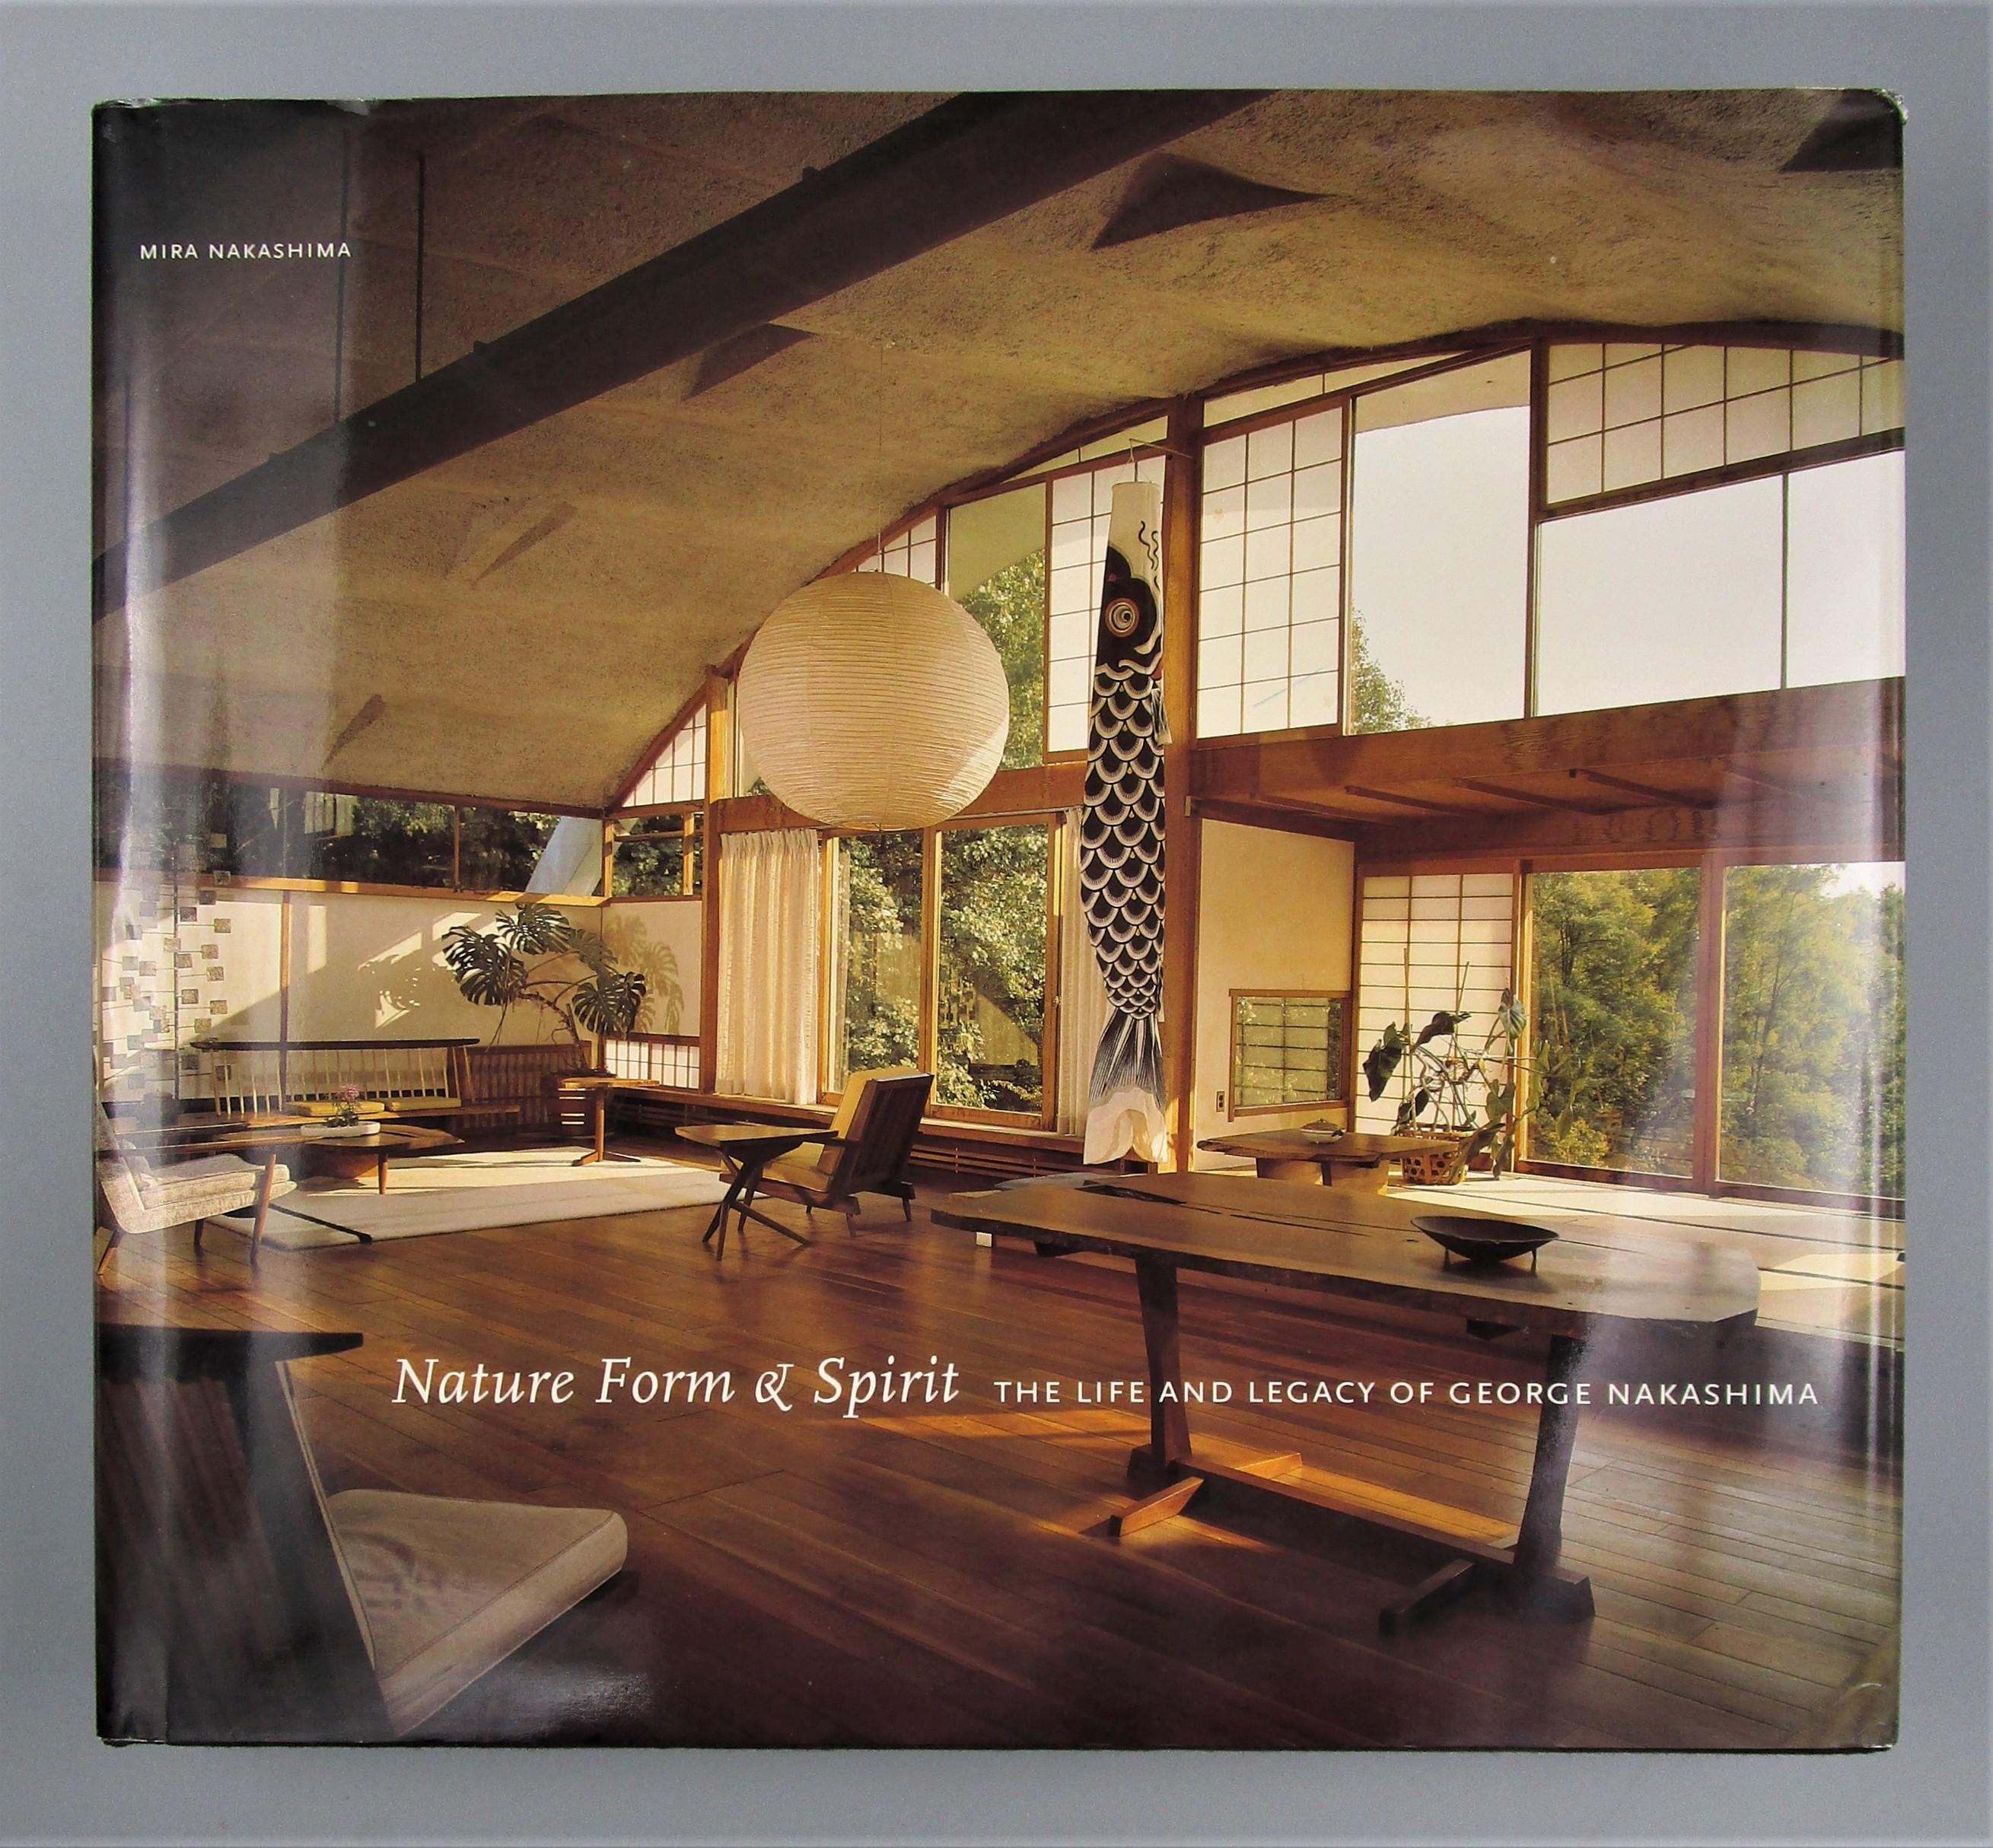 NATURE FORM & SPIRIT: THE LIFE AND LEGACY OF GEORGE NAKASHIMA , by Mira Nakashima - 2003 [Signed]